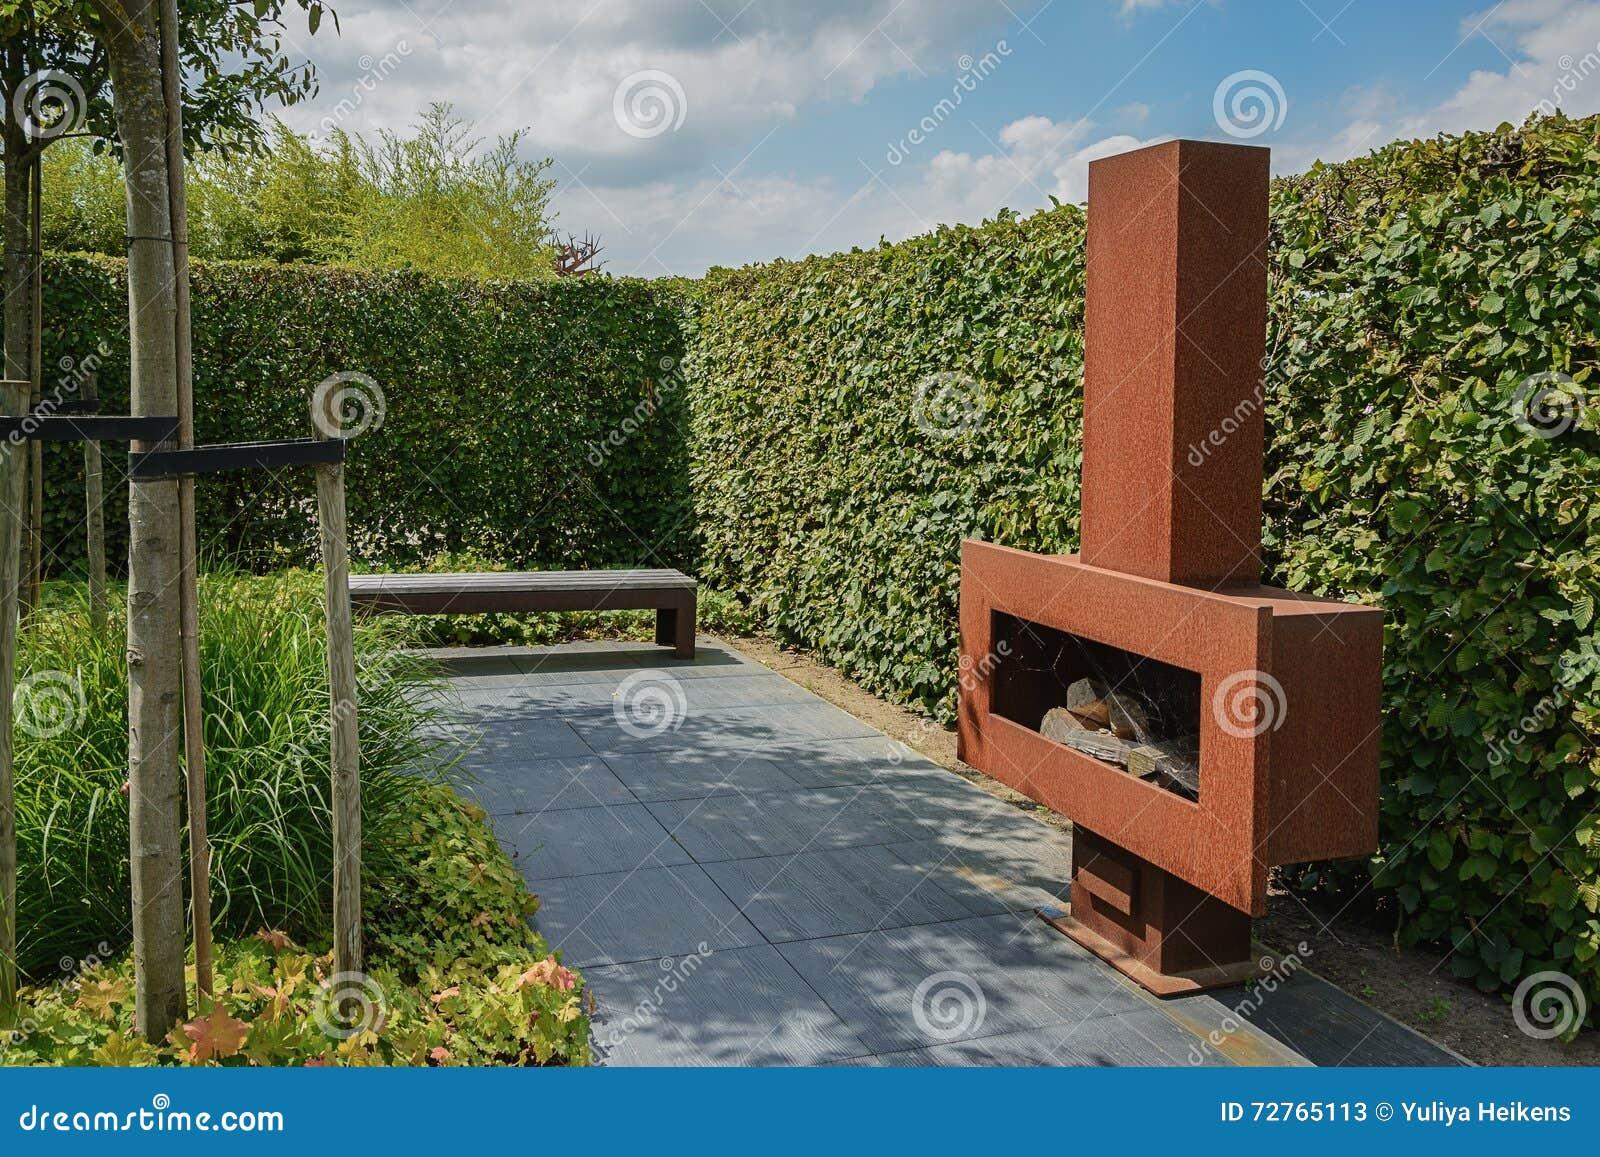 Beste Ijzeropen Haard Met Brandhout In De Tuin Stock Afbeelding MU-52